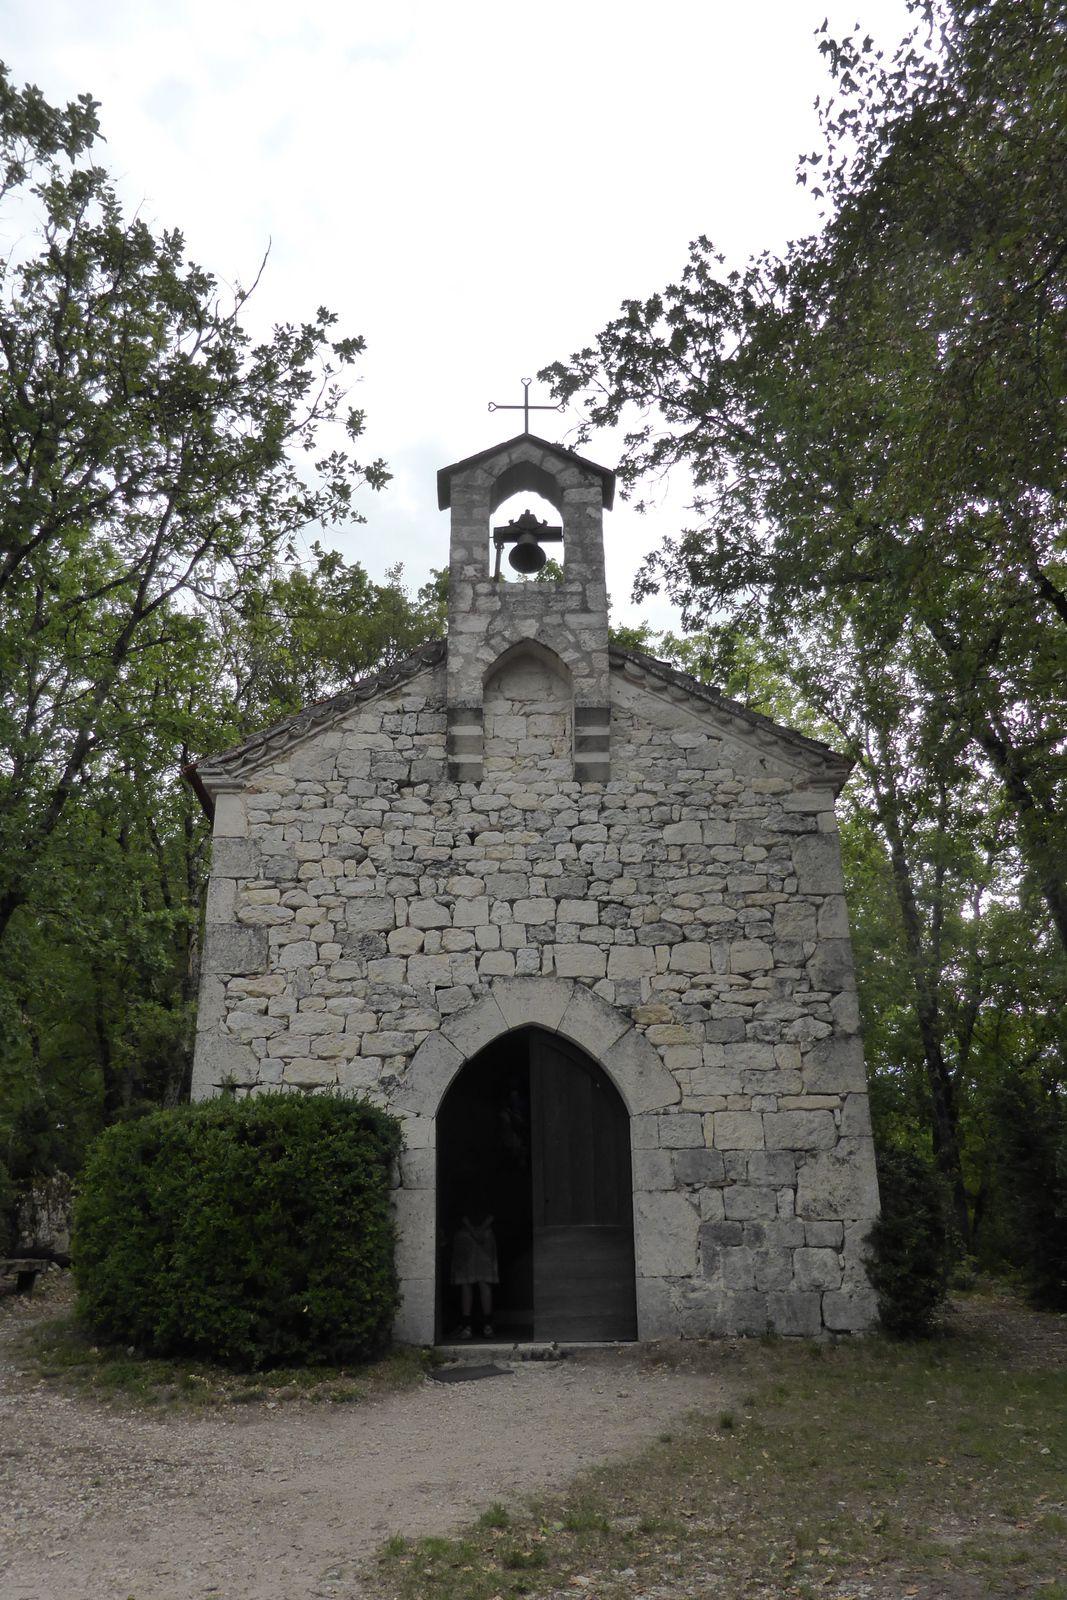 Petite halte à la chapelle Saint-Jean-le-Froid début 19e siècle.